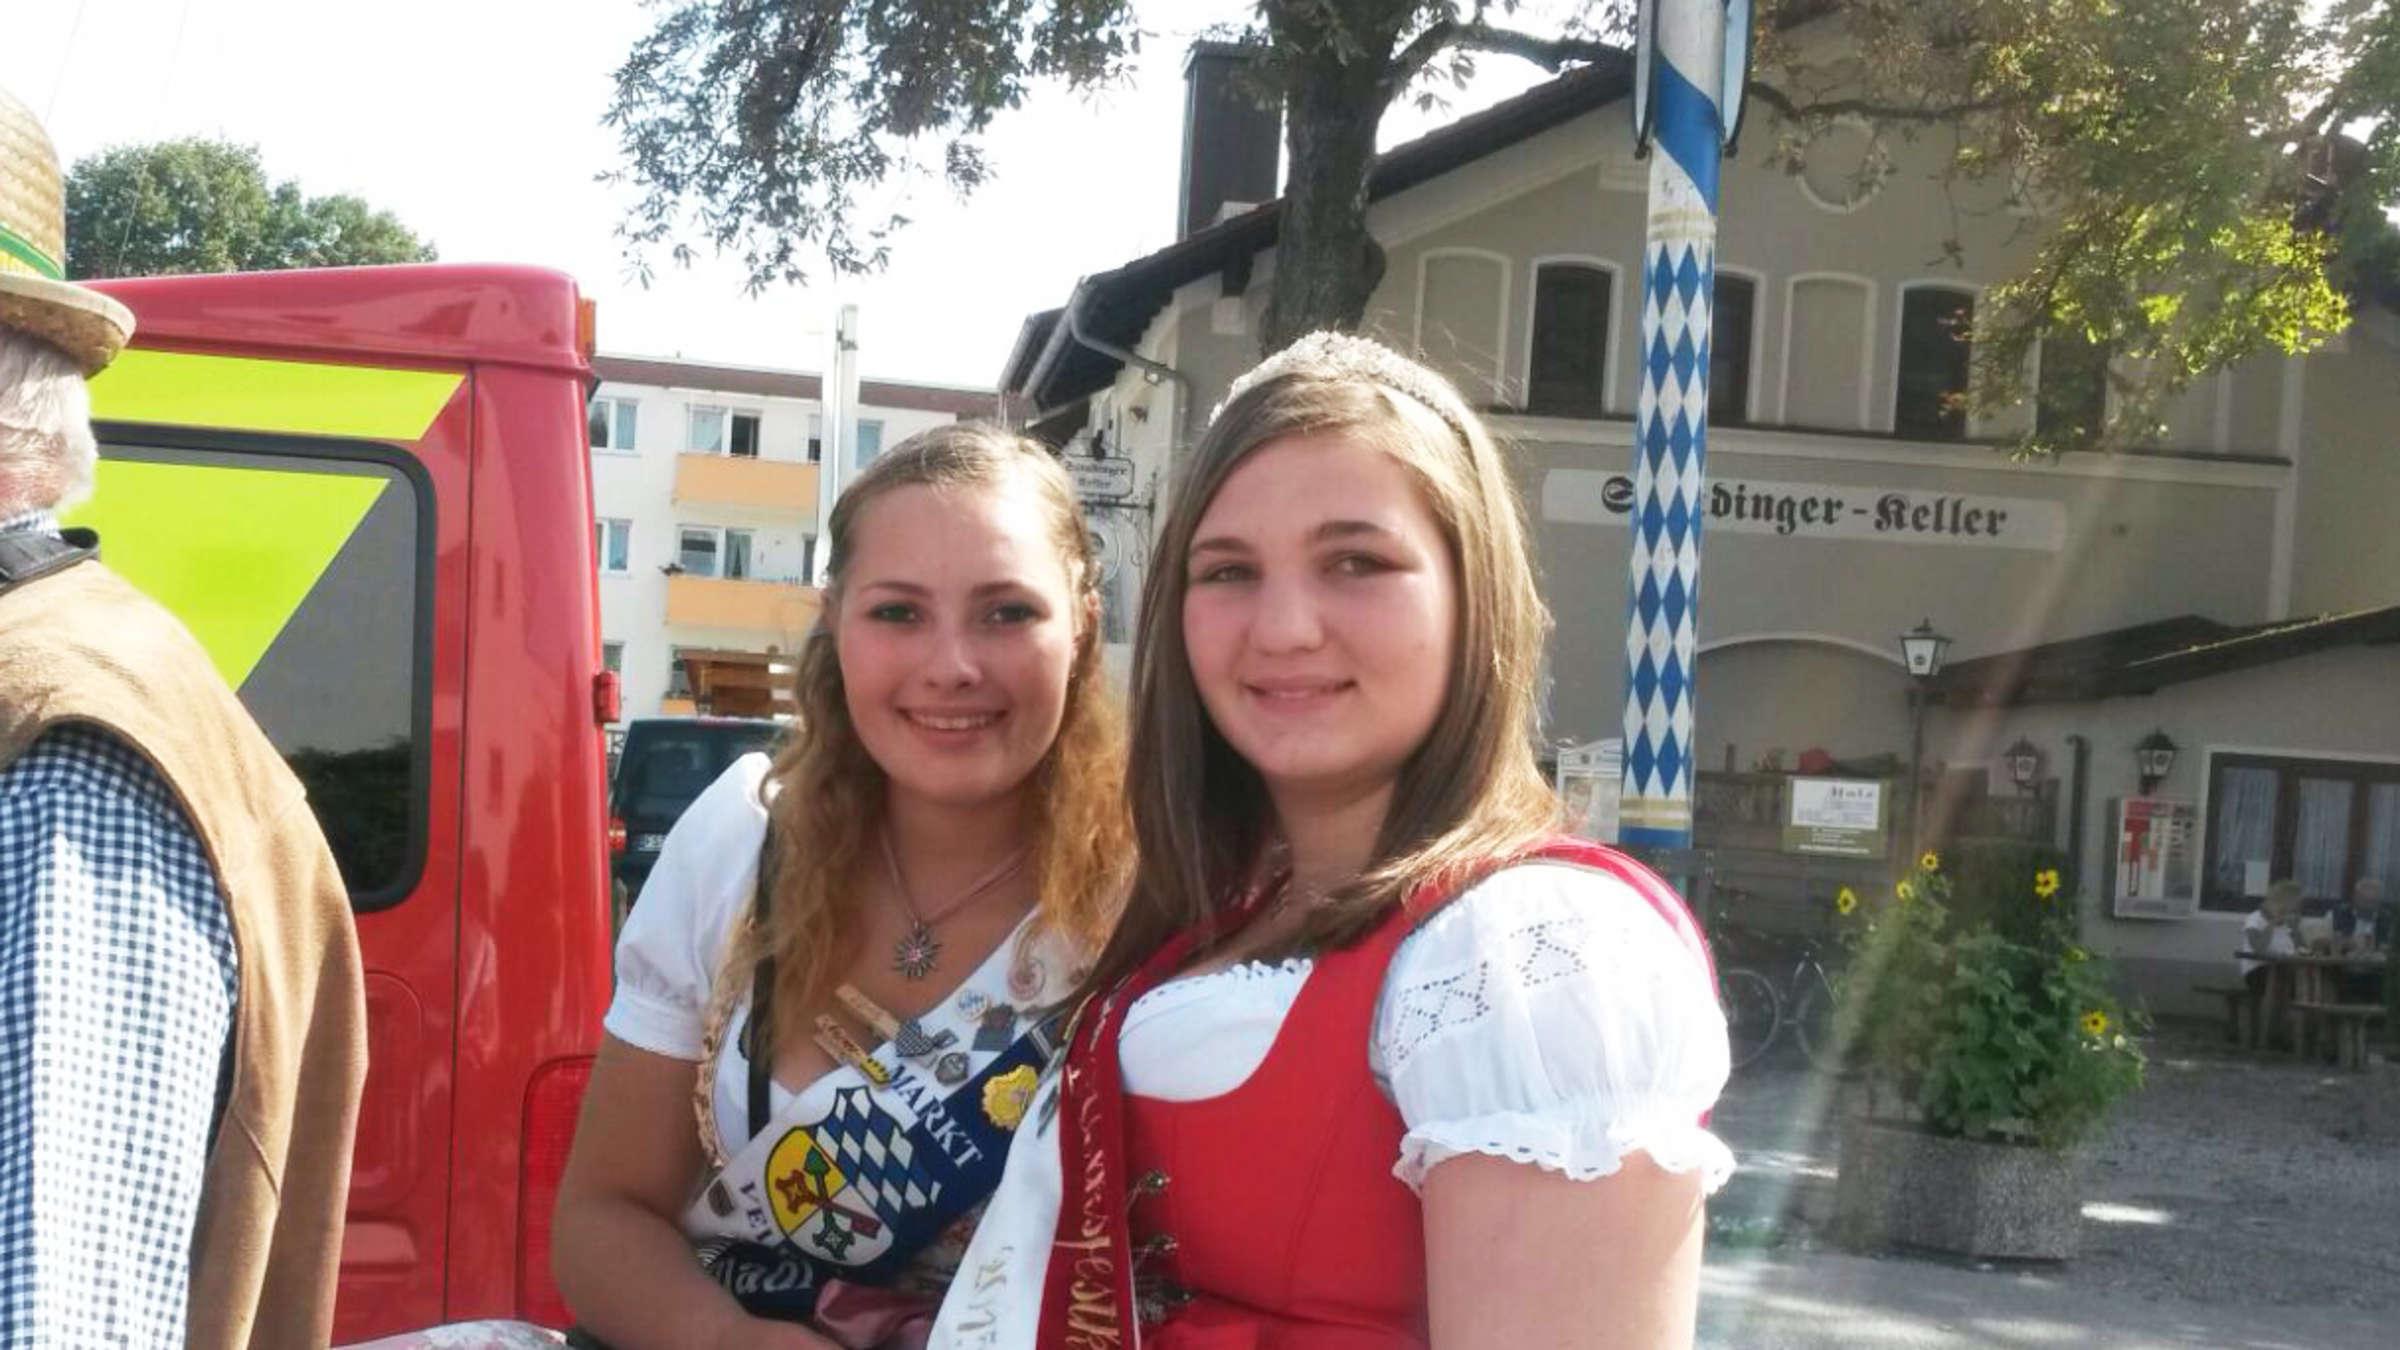 Singles aus Moosburg an der Isar kostenlos treffen